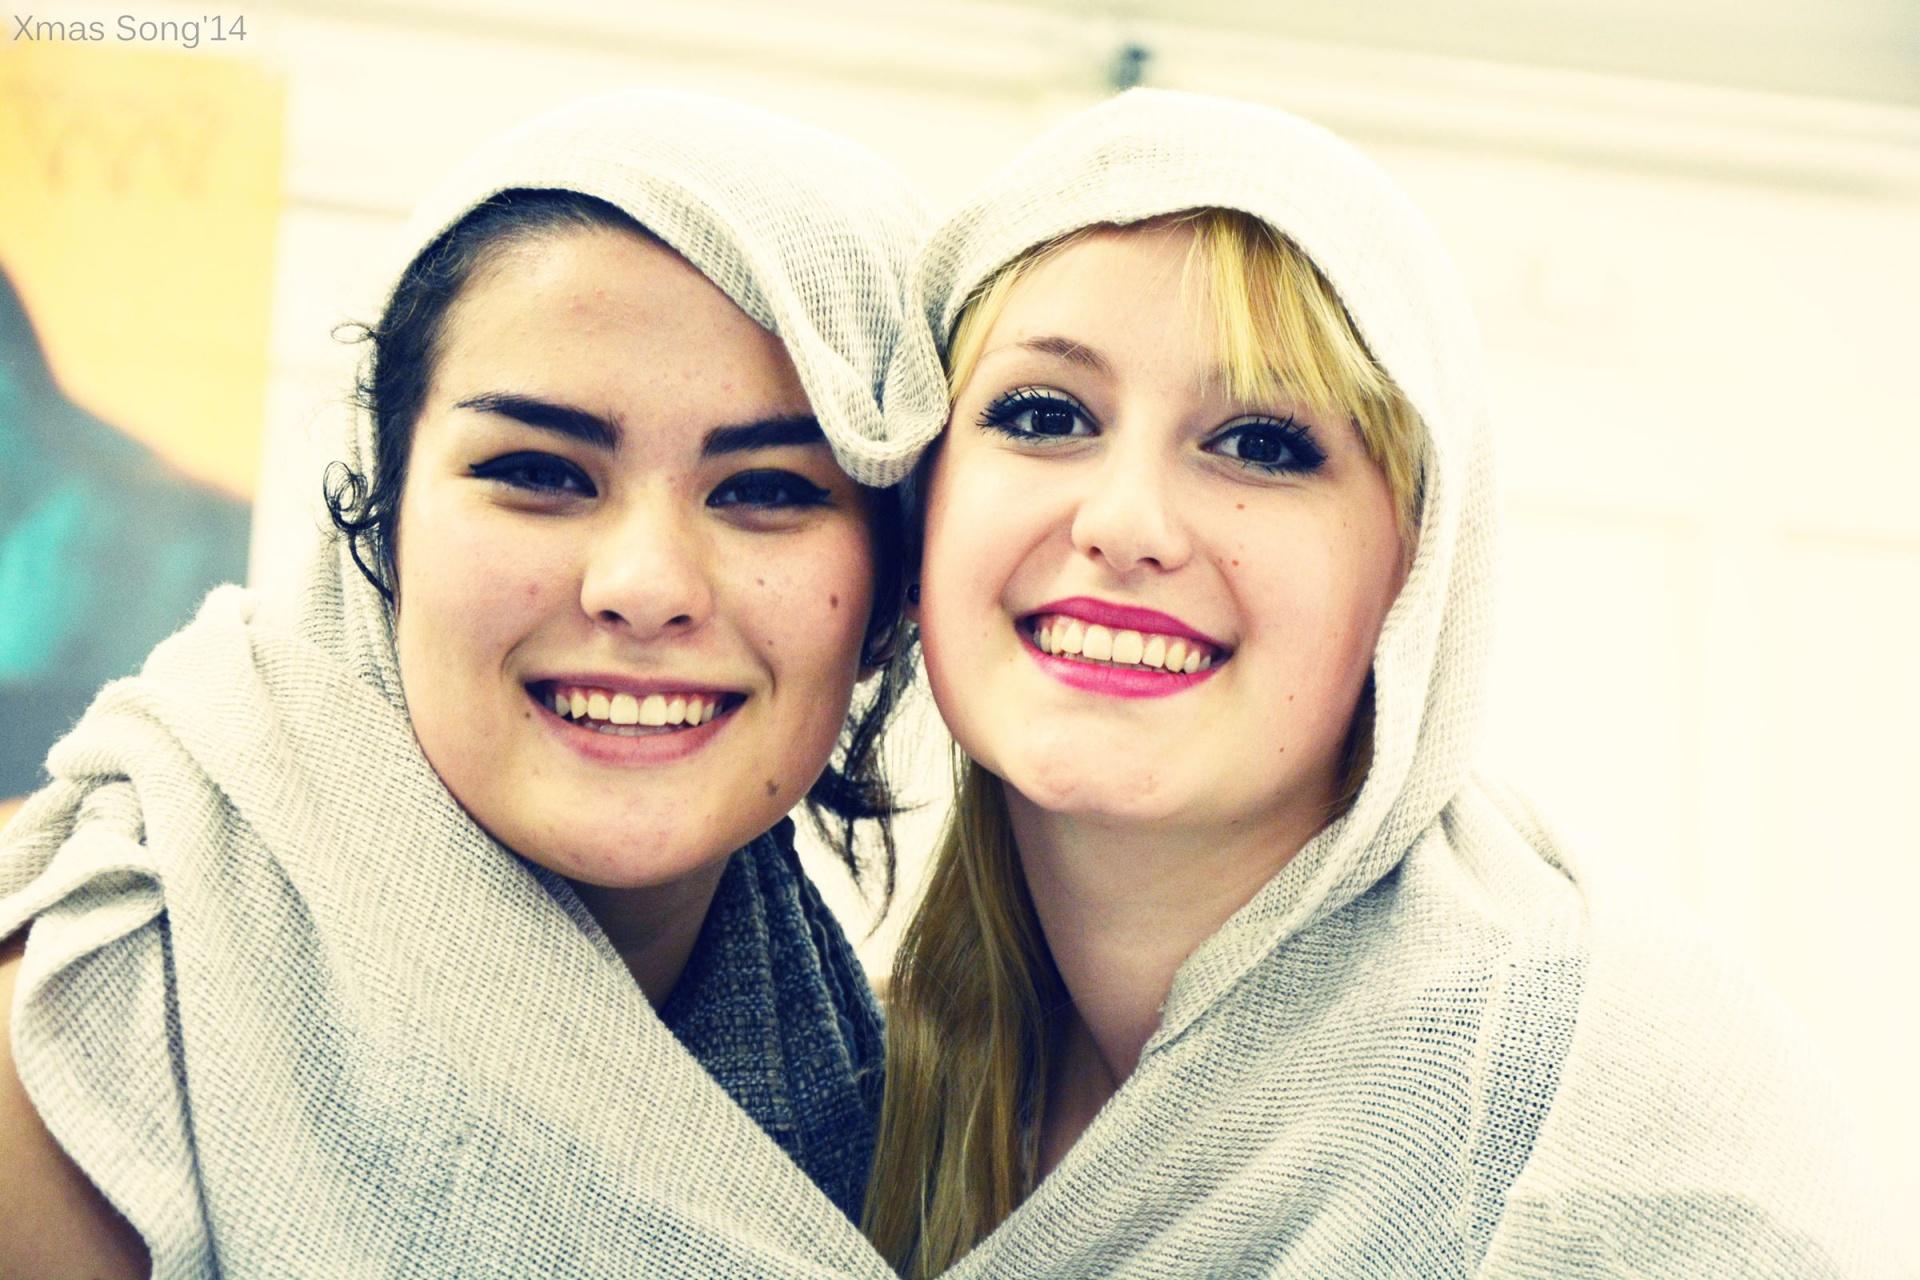 Amelia&Sophie XMAS-tile